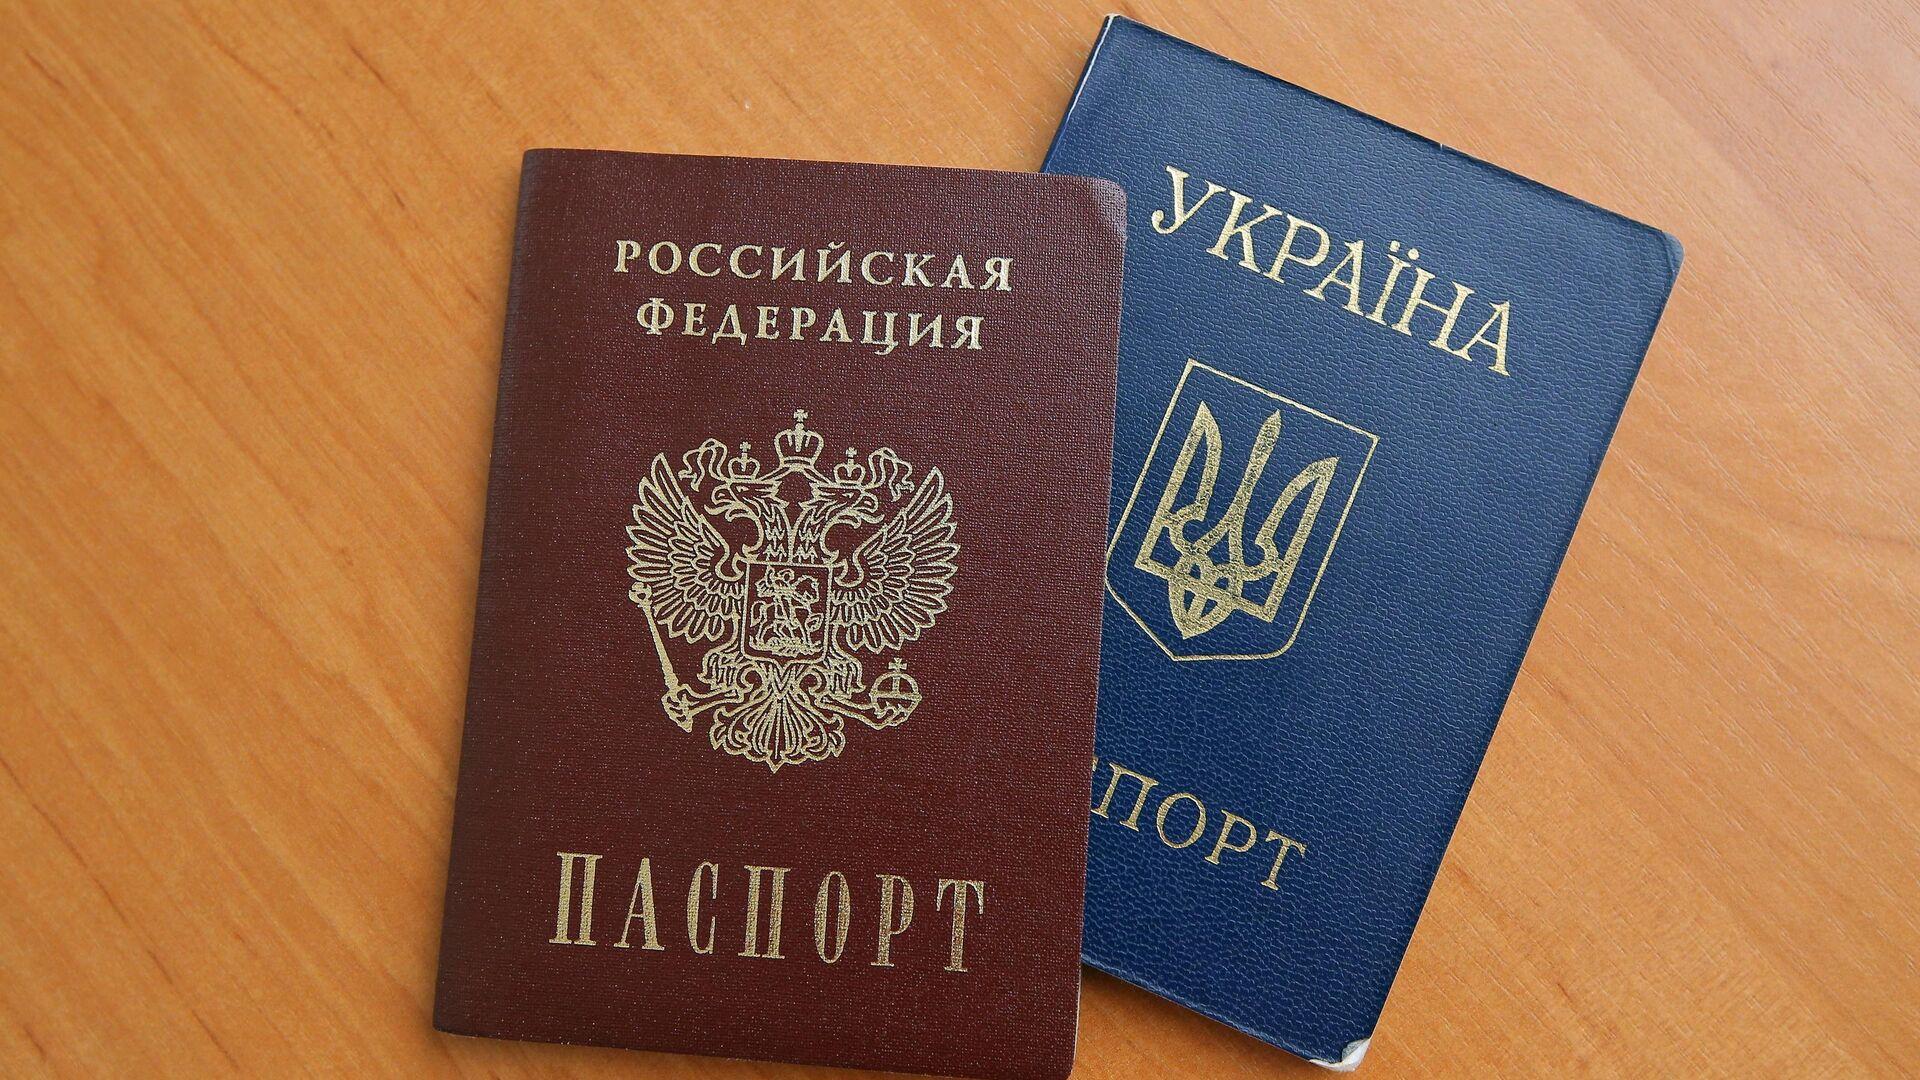 Паспорта гражданина Российской Федерации и гражданина Украины - РИА Новости, 1920, 27.01.2021